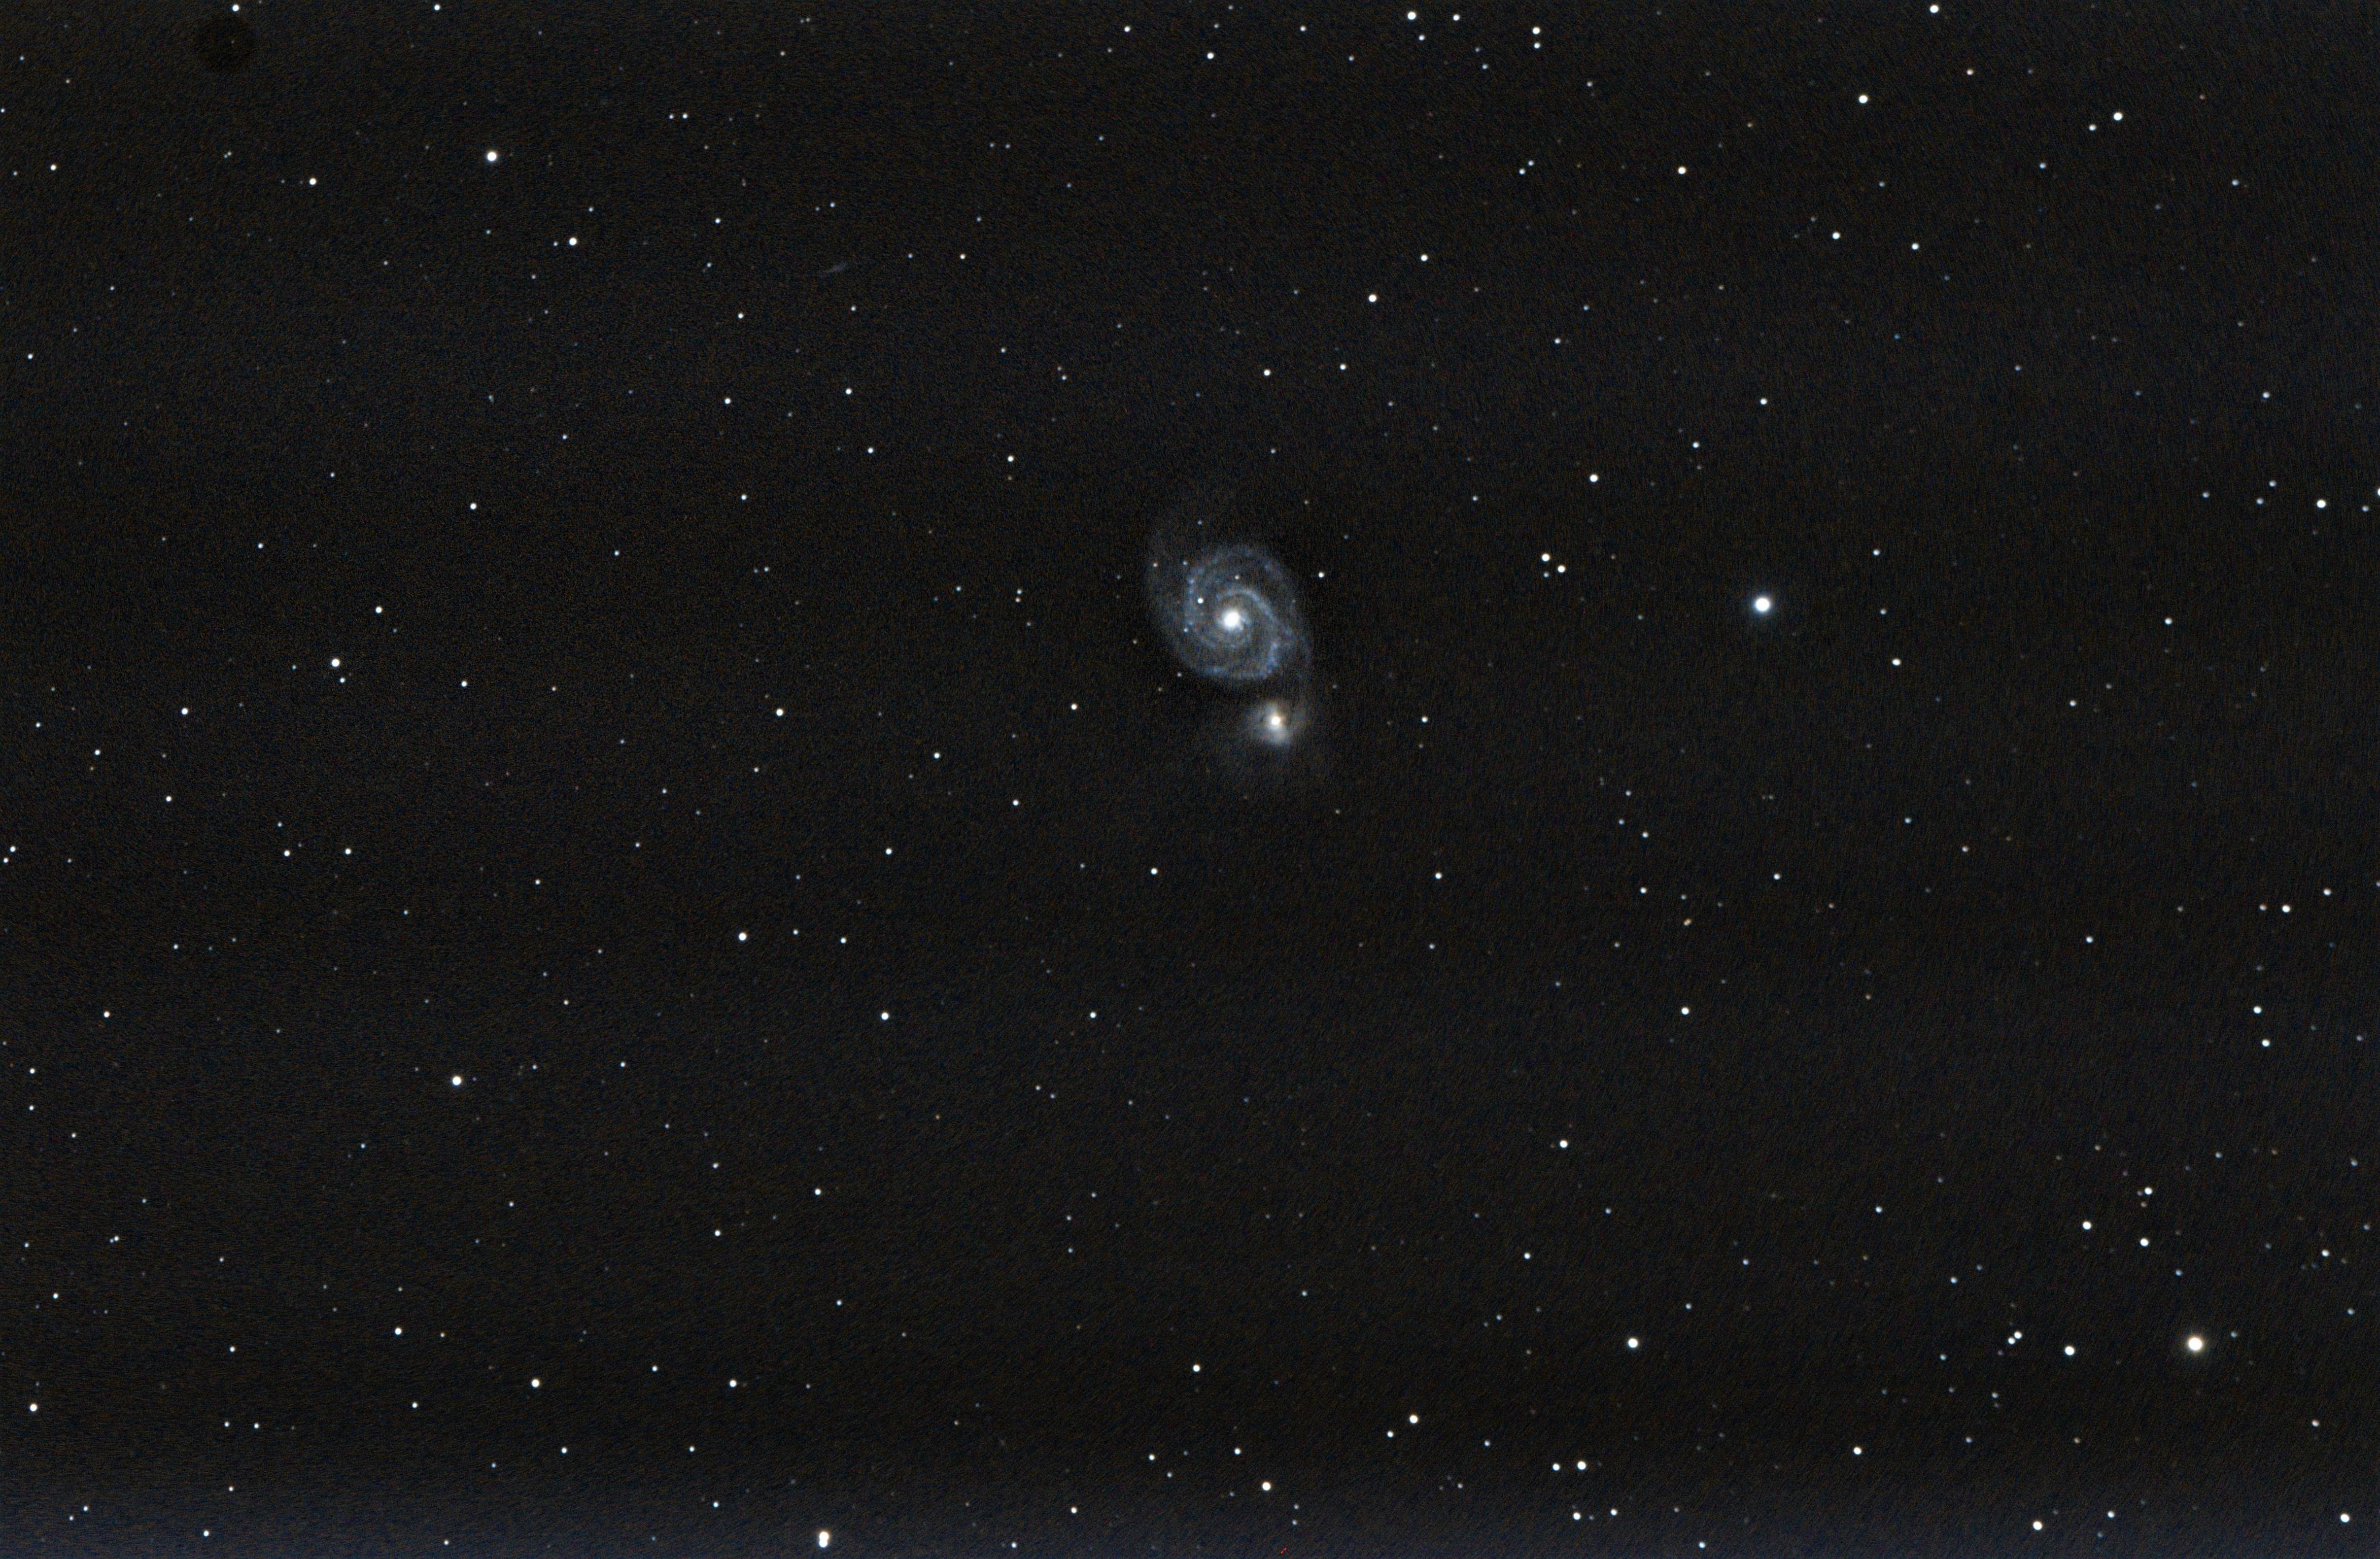 M51 galaxie du tourbillon - Copie